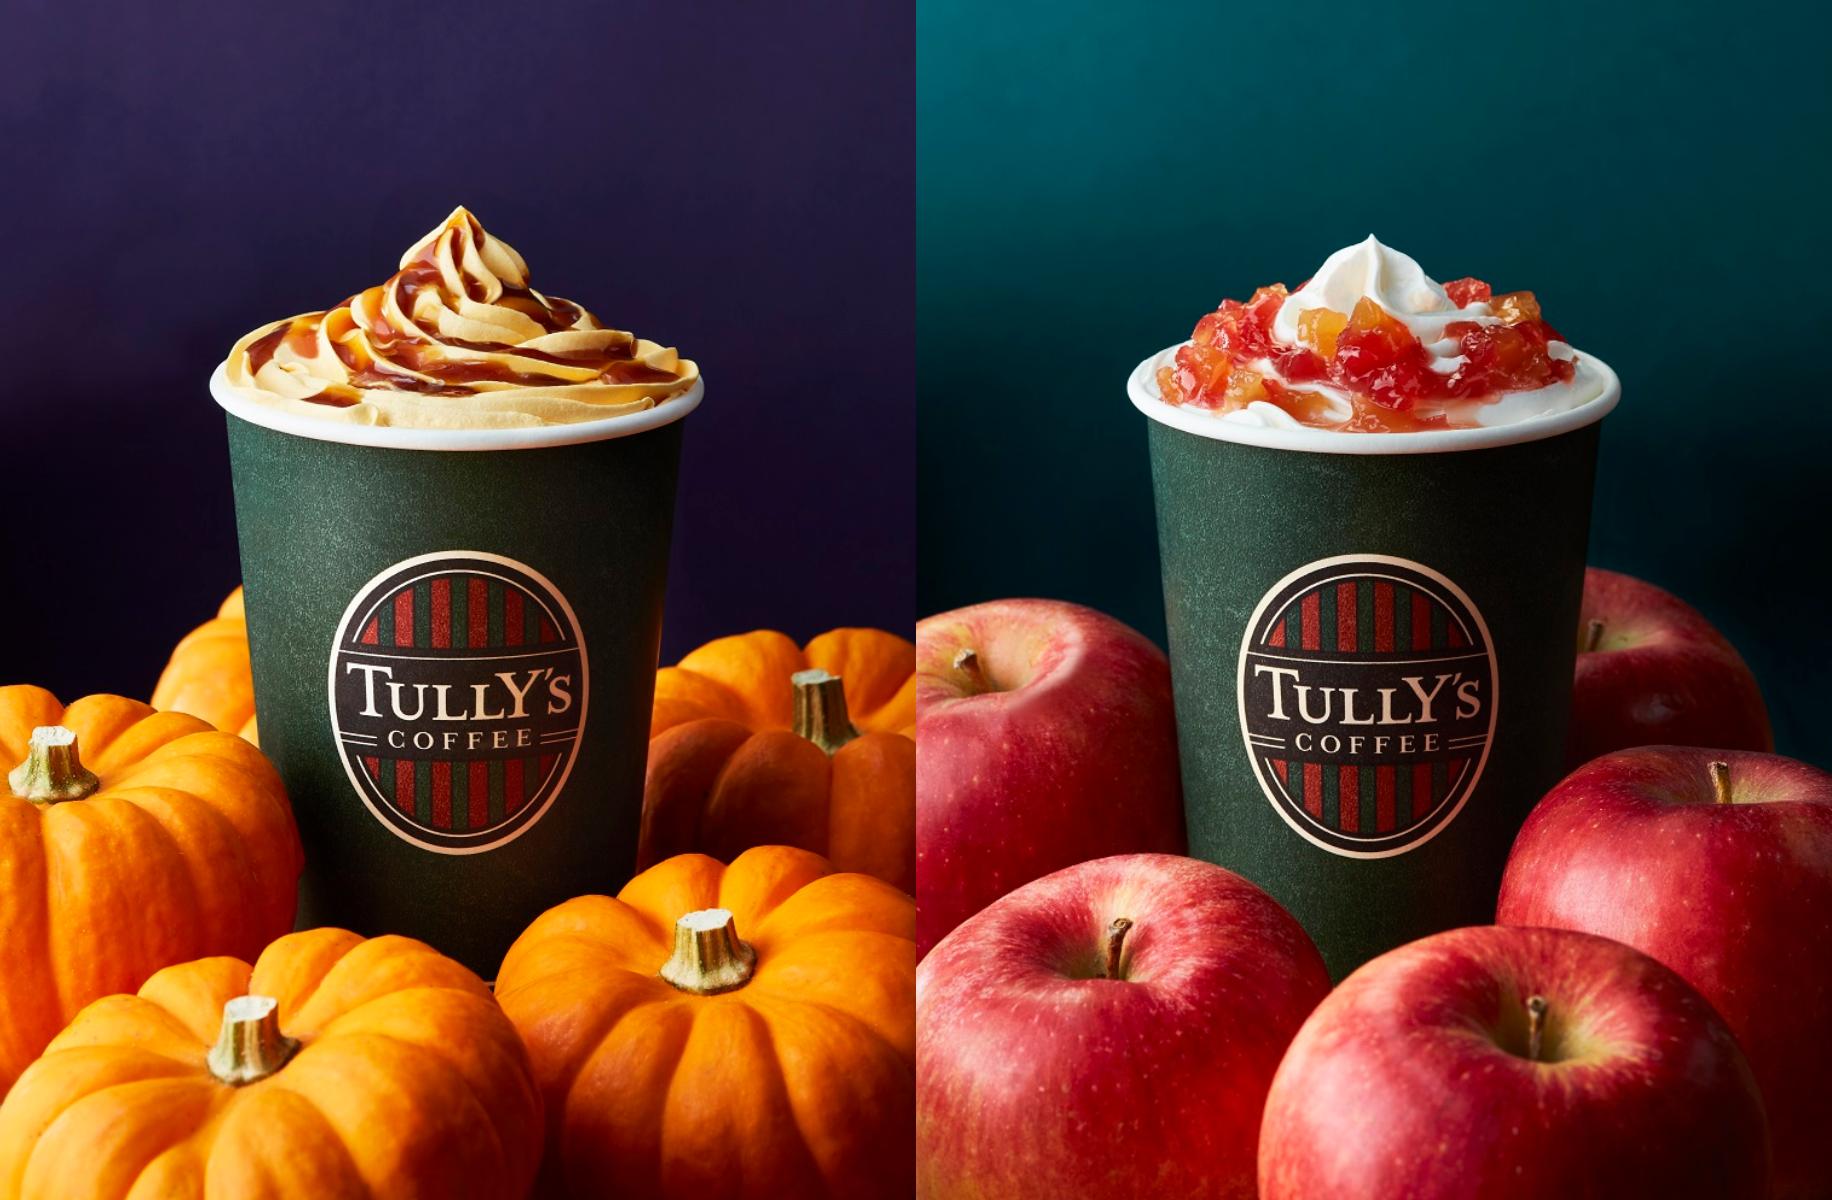 【タリーズ新作】パンプキン尽くしのシーズナルスペシャルティ&大人気「ロイヤルミルクティー」にりんごの味わいをプラスした2種が登場♡_1